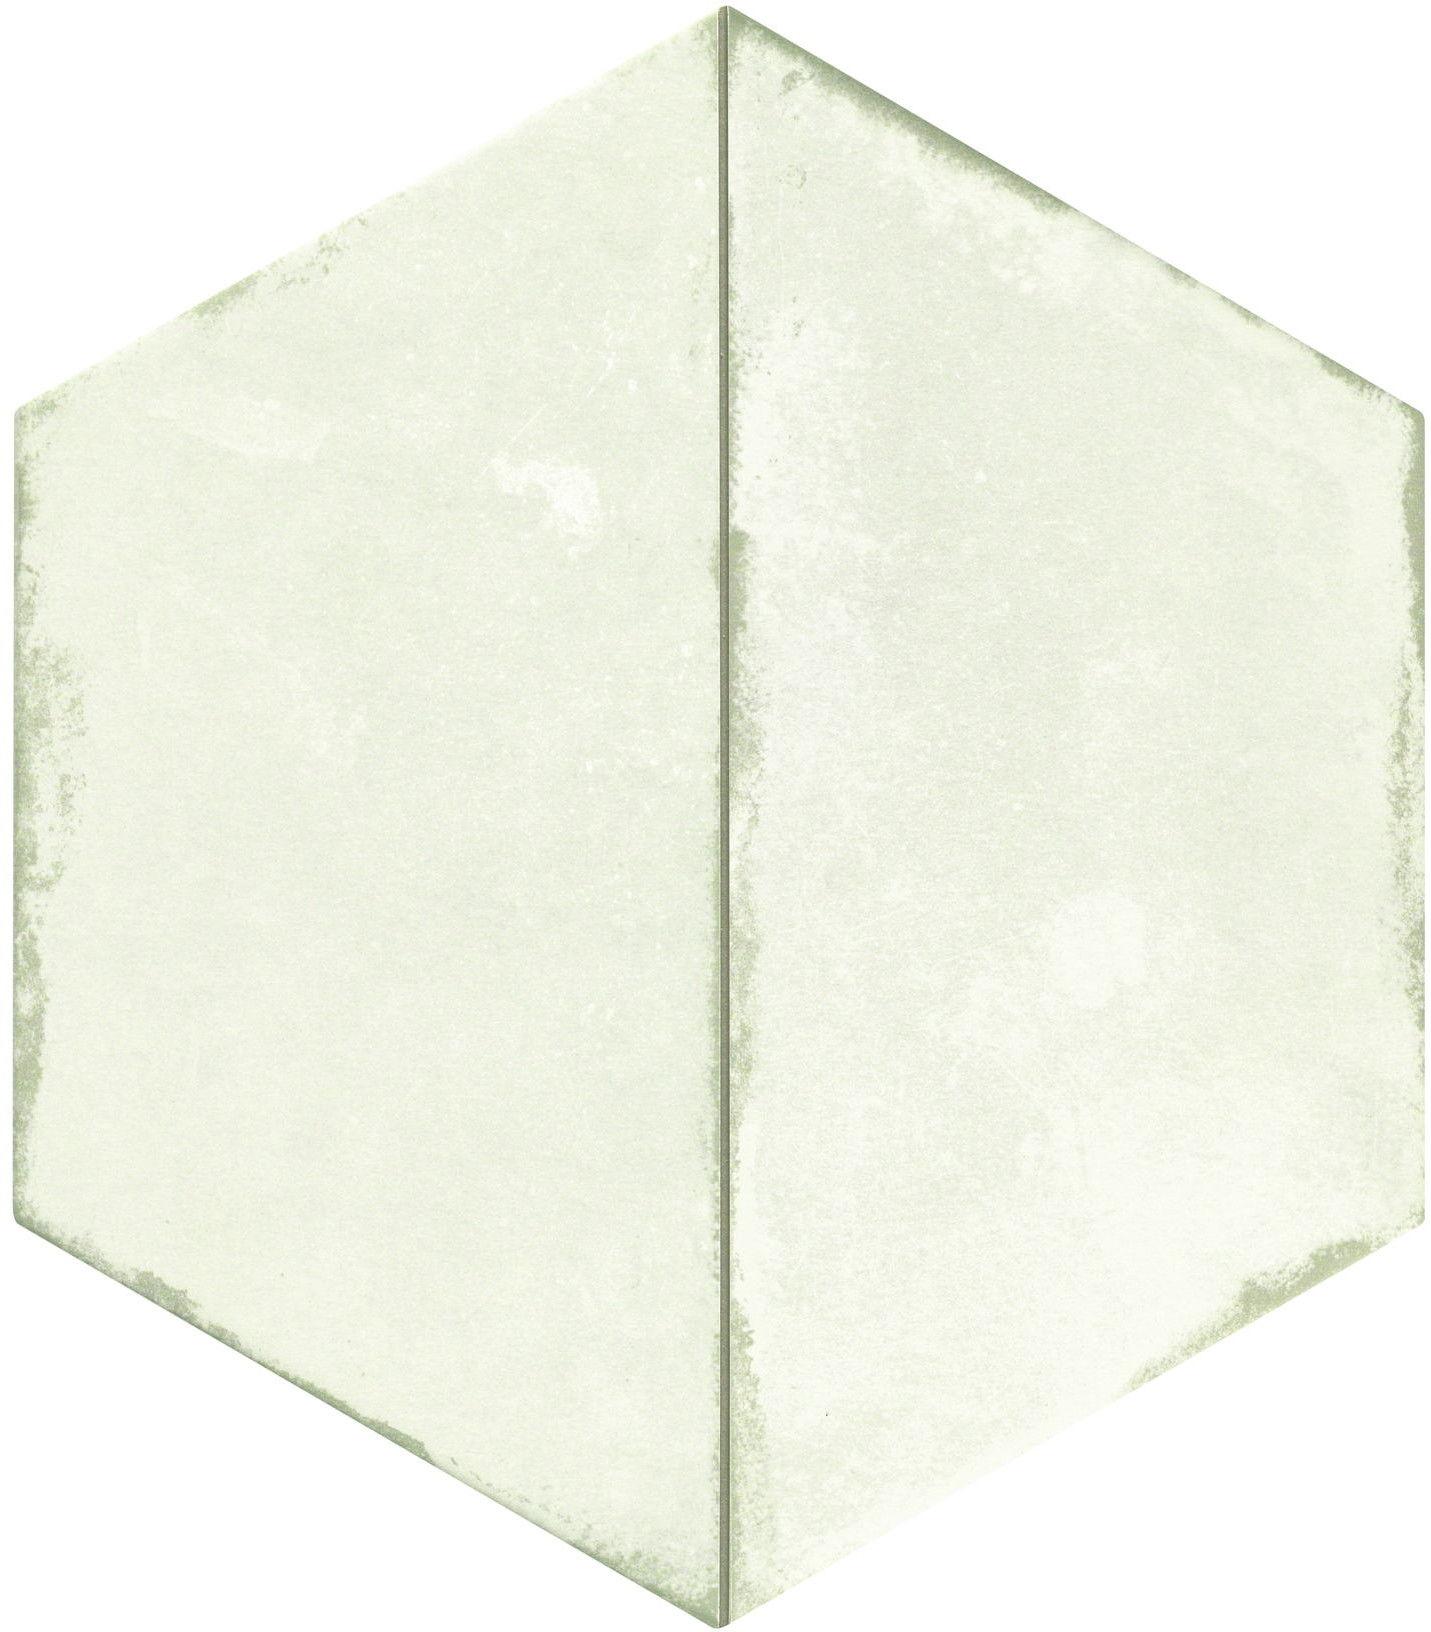 Trapez Vintage White 28,5x33 płytki heksagonalne